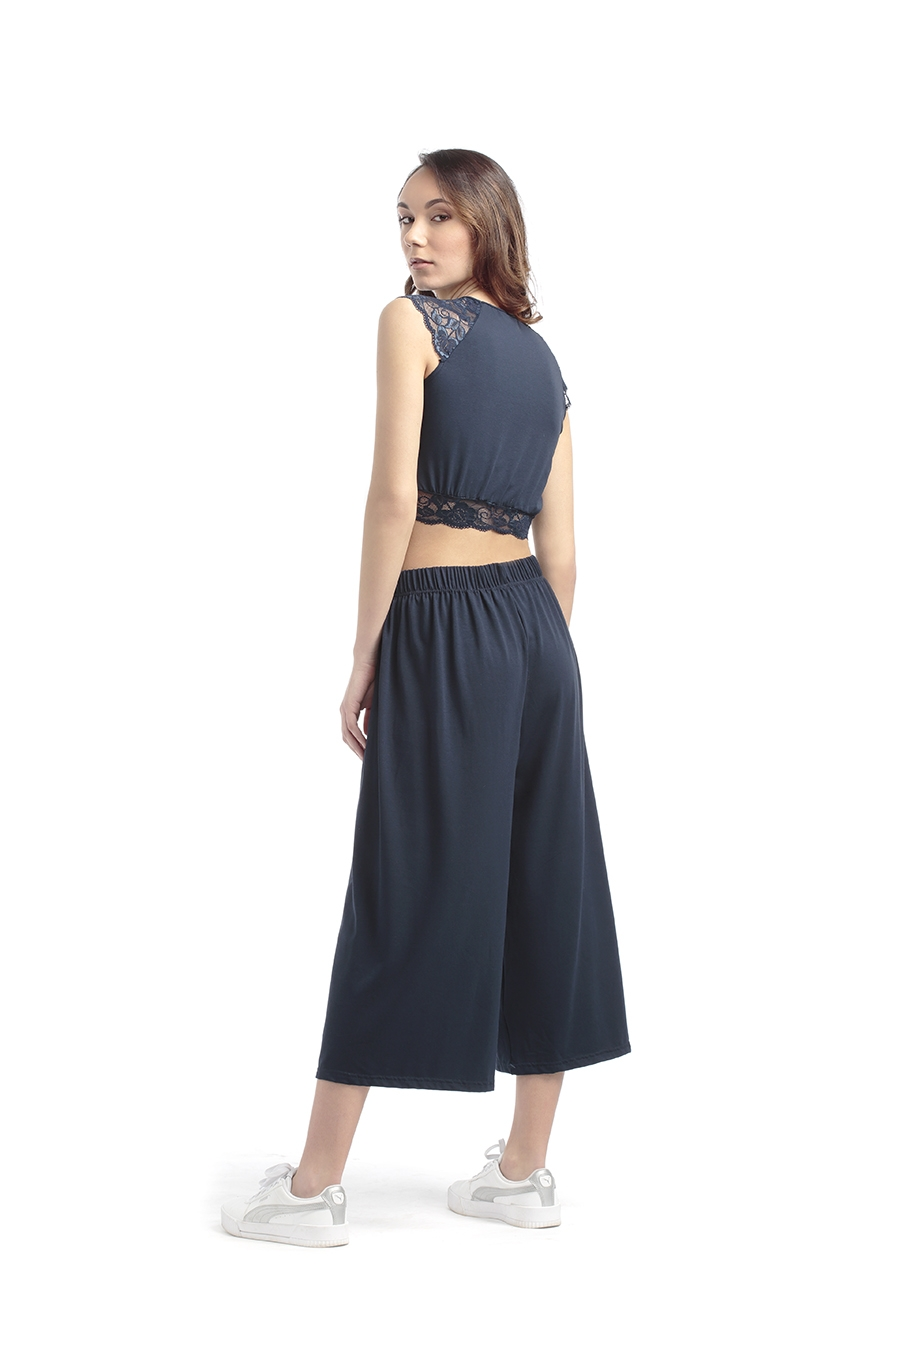 ART. P01 Pantalone palazzo con elastico alto ribattuto in vita